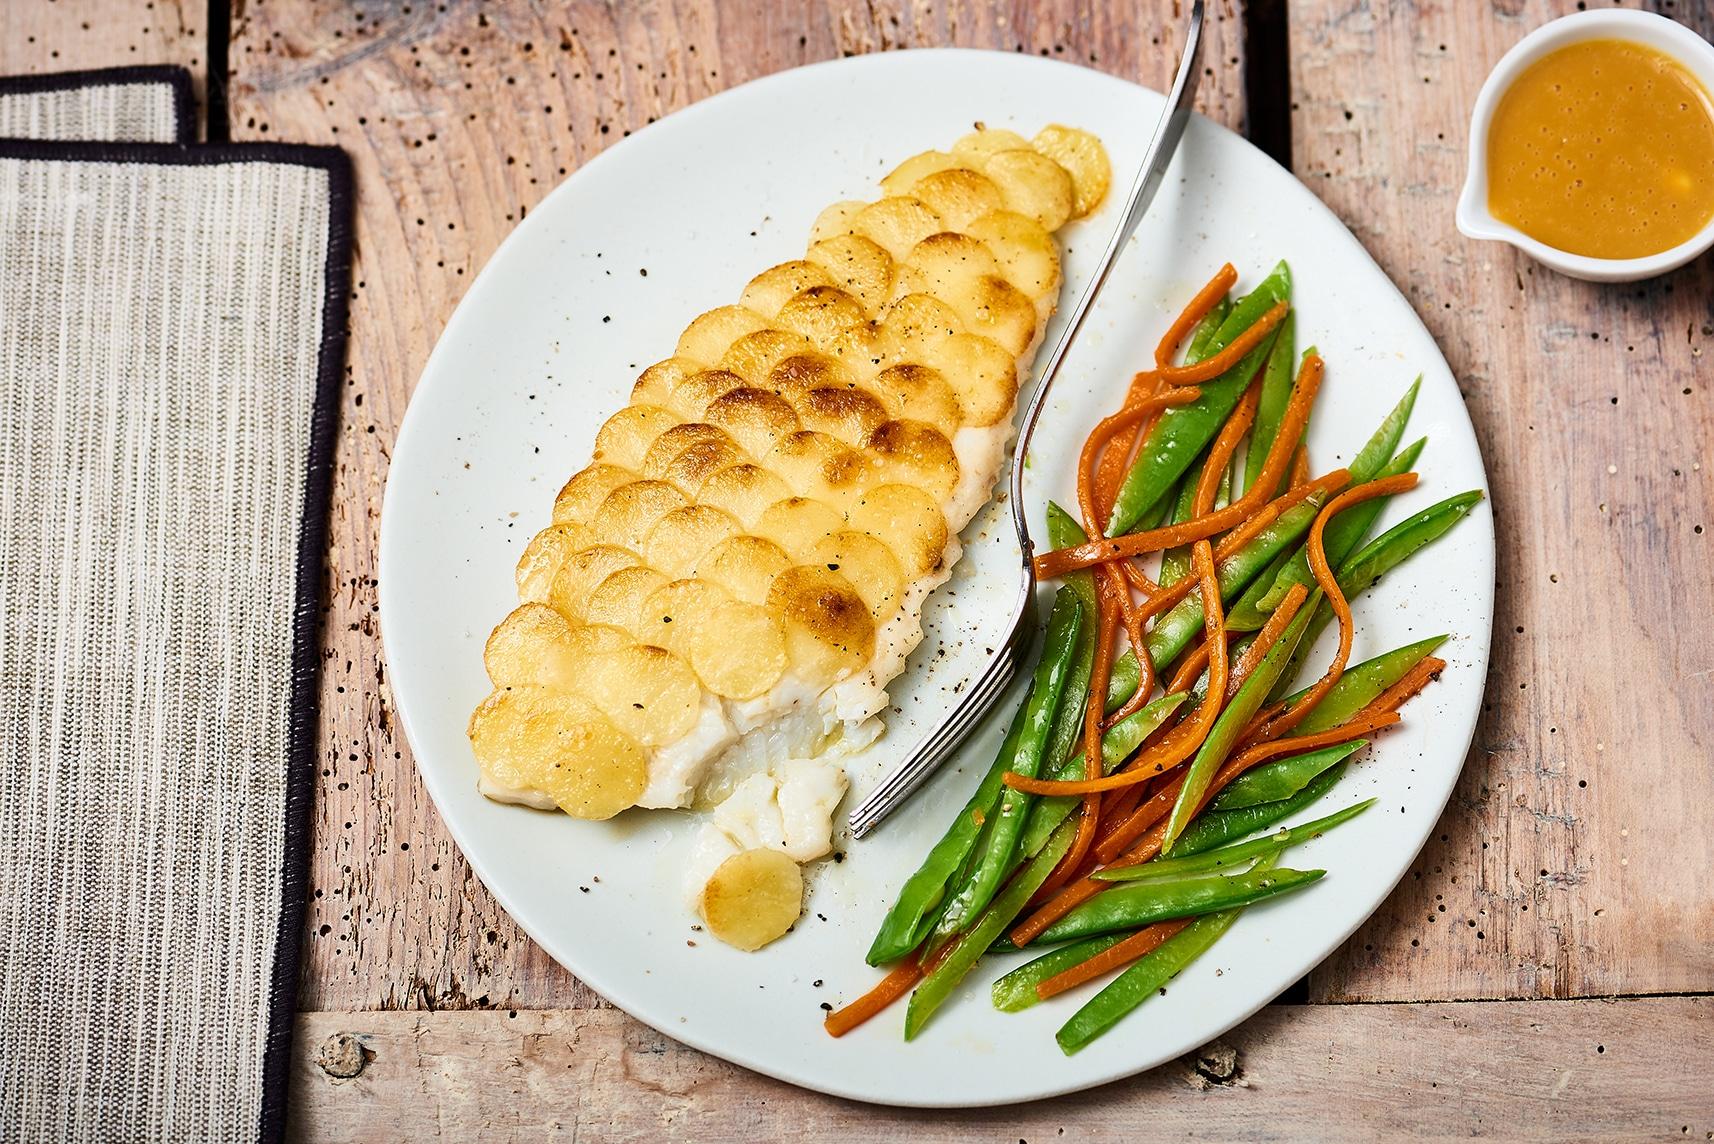 Recette filet de turbot en cailles de pommes de terre beurre d 39 orange et l gumes printaniers - Recette de turbot grille ...